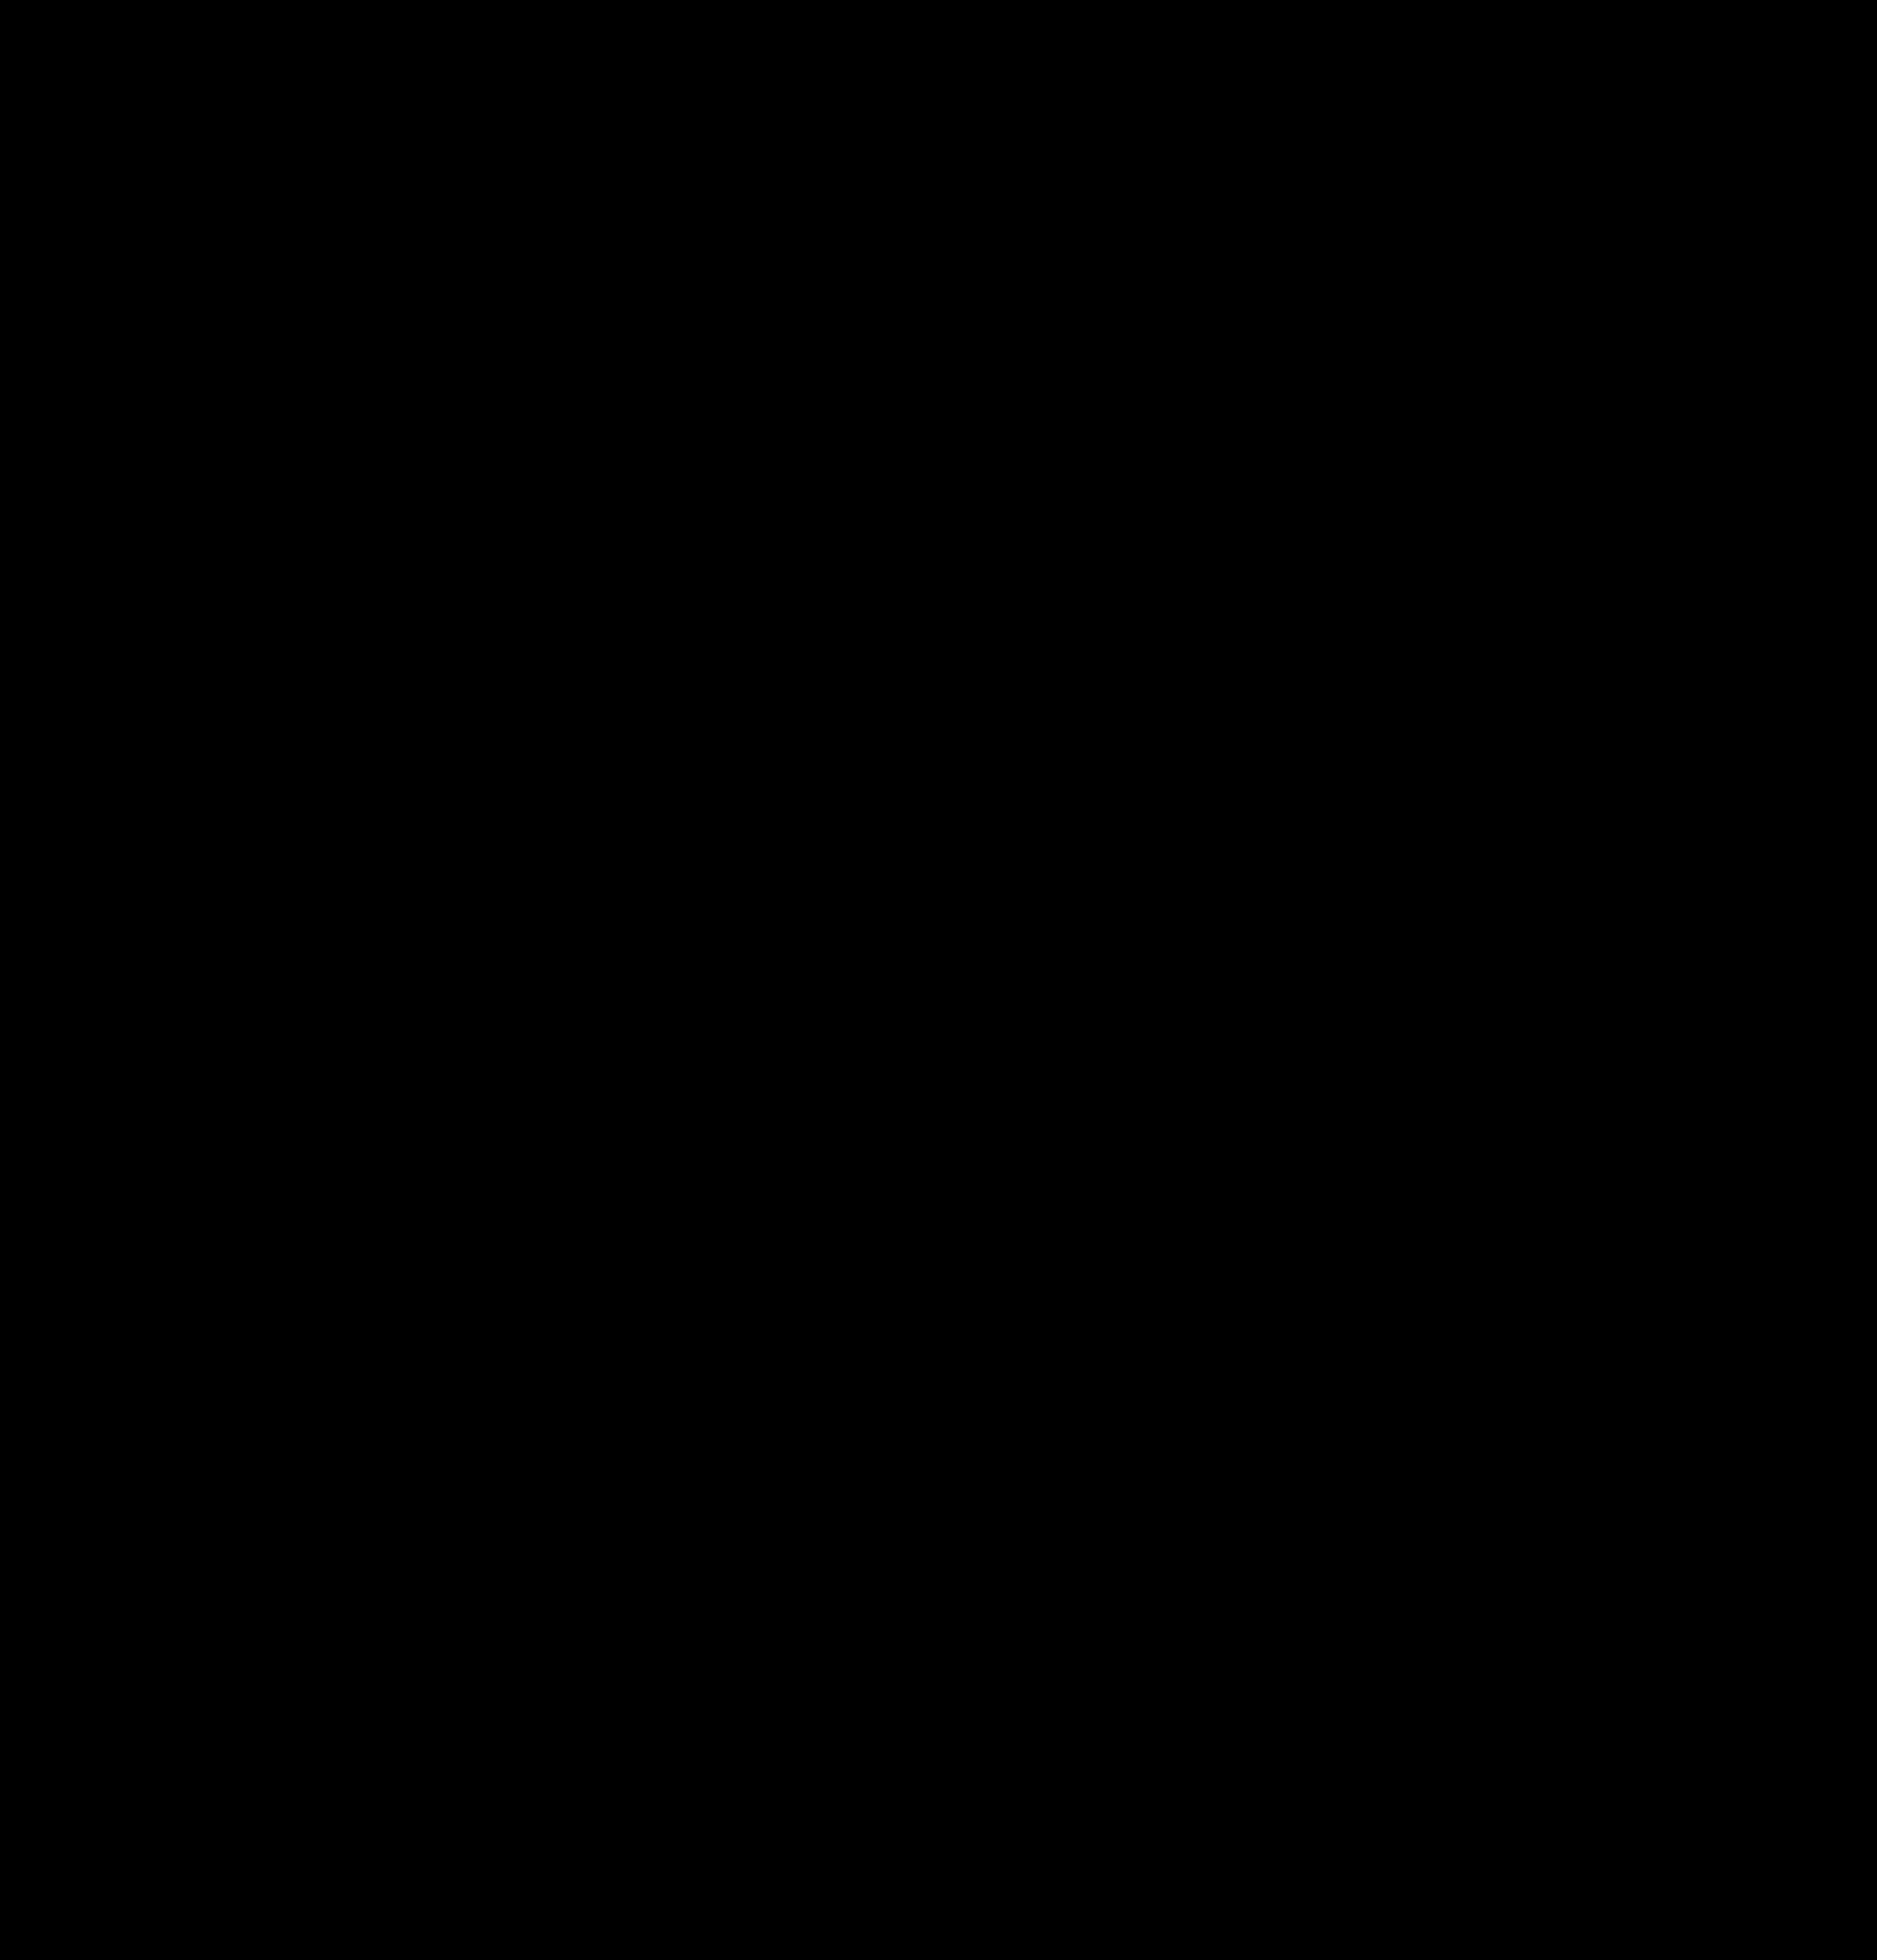 Picnic basket clip art tumundografico wikiclipart